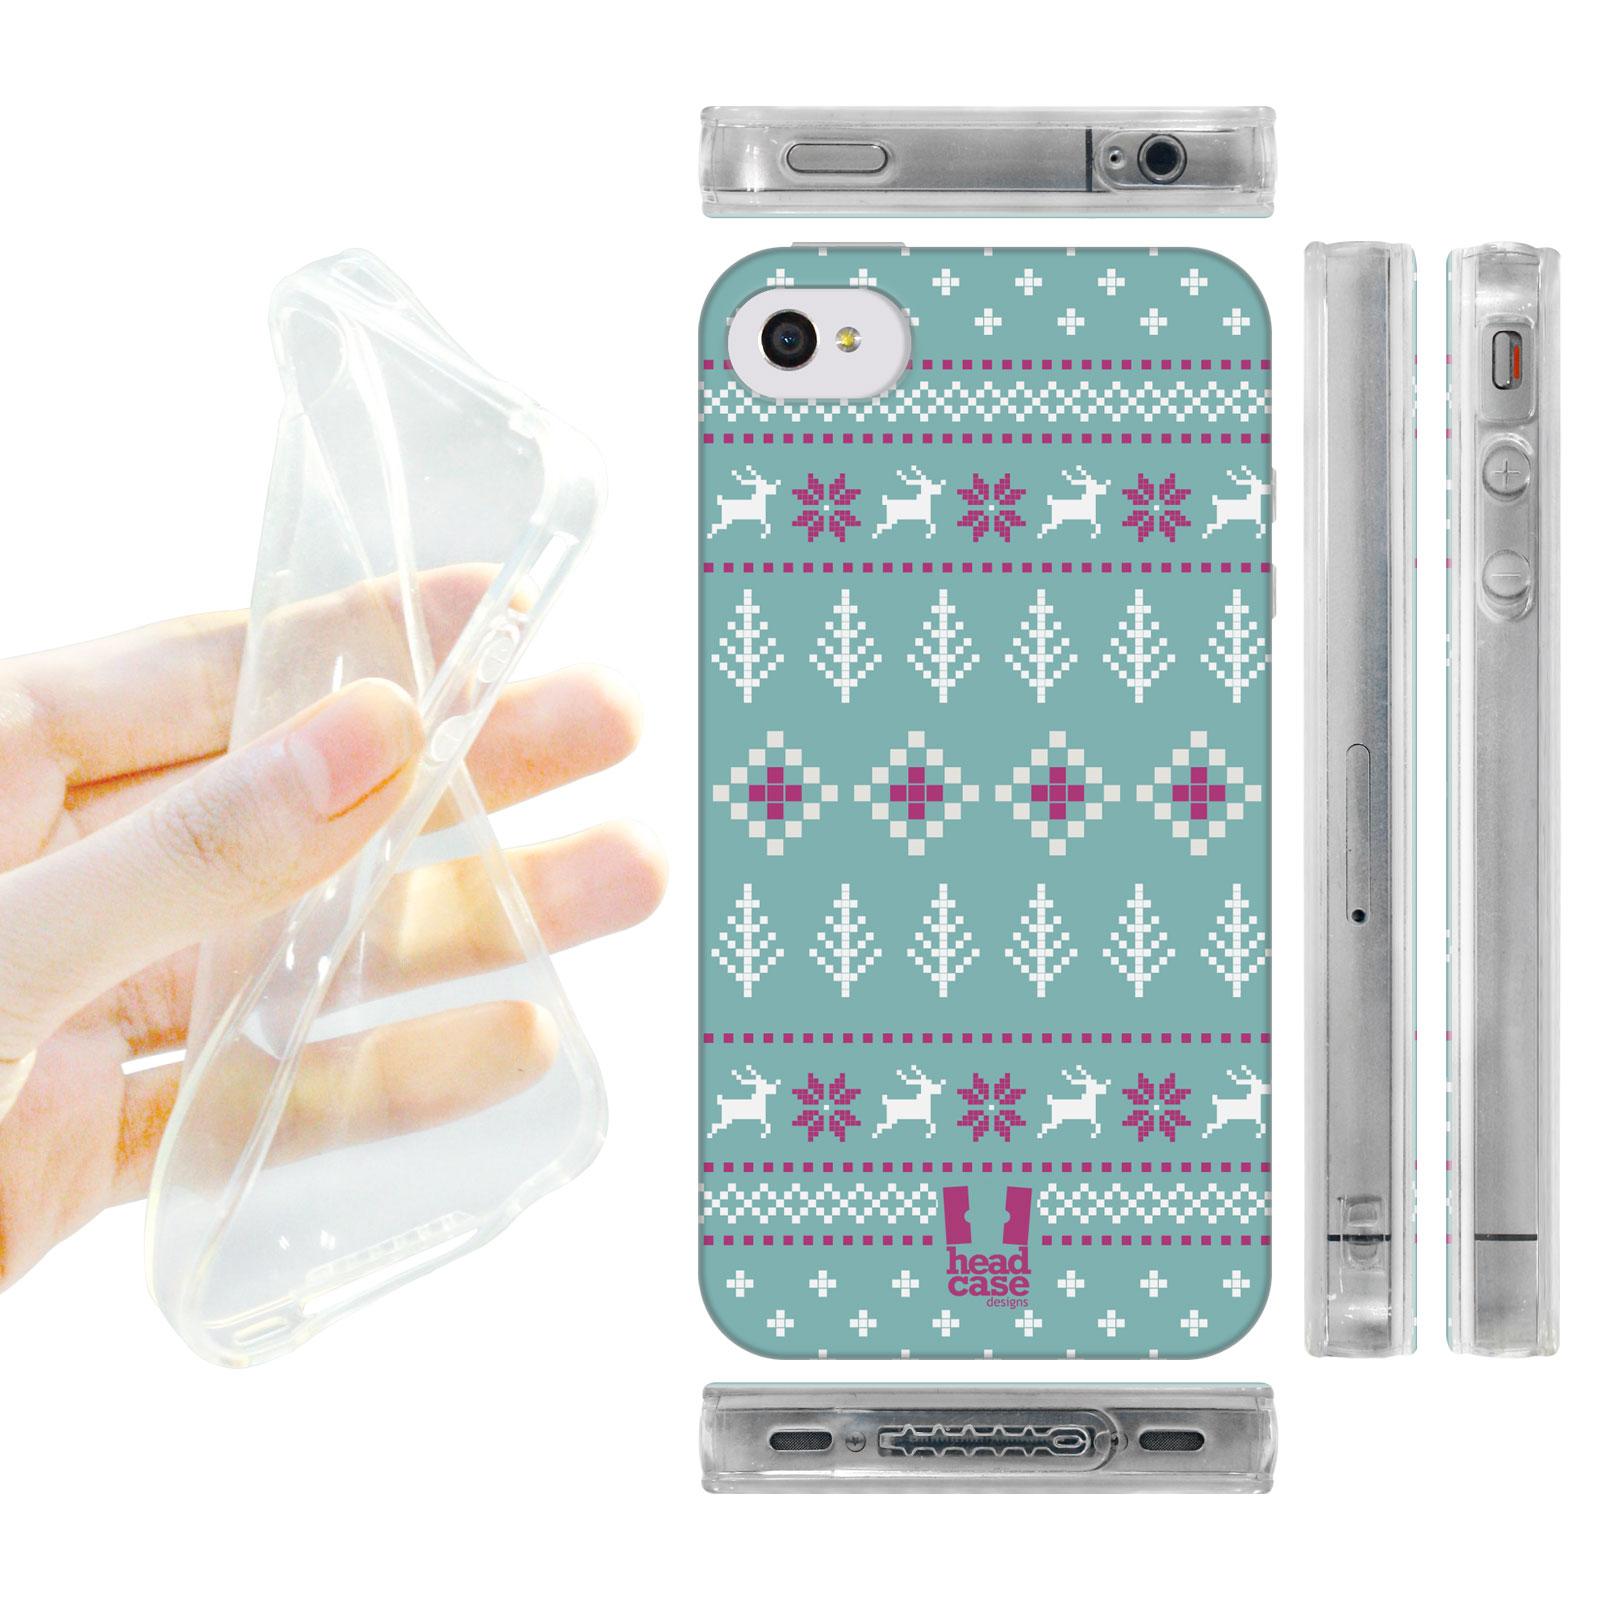 HEAD CASE silikonový obal na mobil Iphone 4/4S Vzor zima modrá a fialová zima pruhy